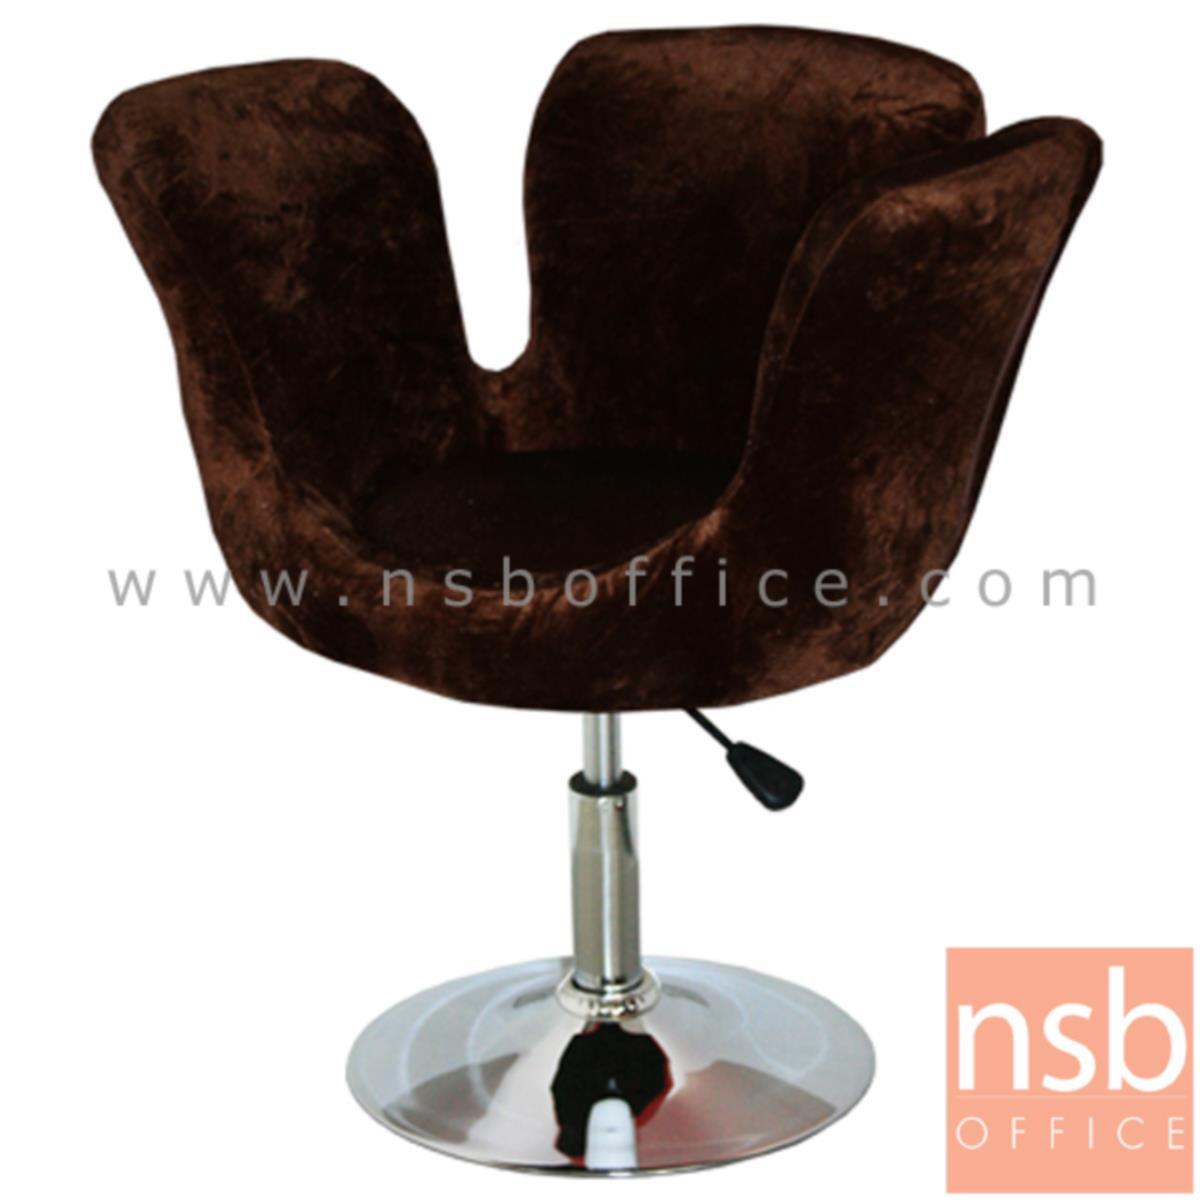 B22A040:เก้าอี้พักผ่อนผ้ากำมะหยี่  รุ่น Led Zeppelin (เลด เซพเพลิน) ขนาด 87W cm. โช๊คแก๊ส โครงเหล็กชุบโครเมี่ยม